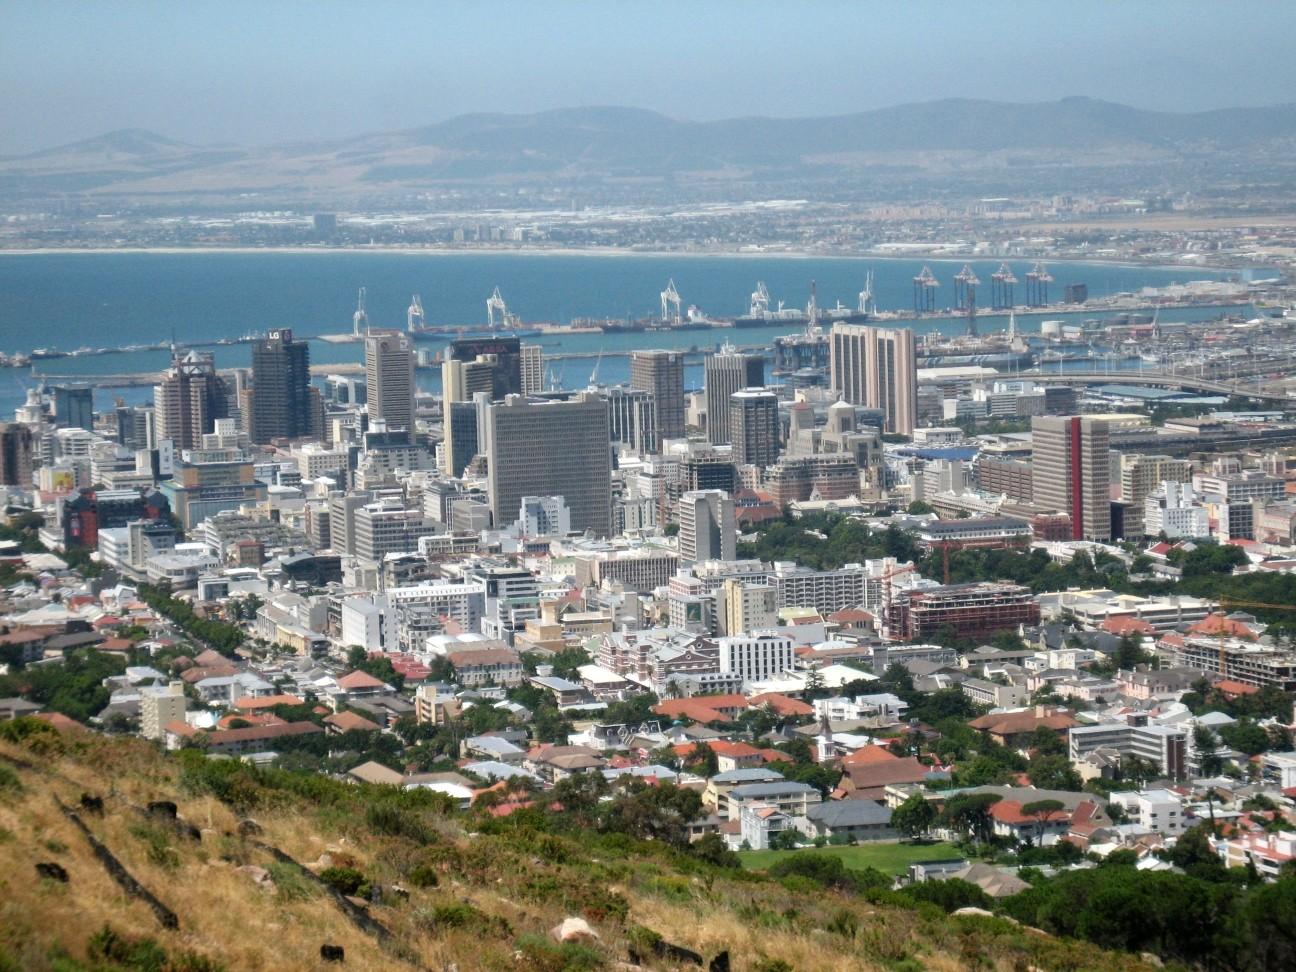 Vista aérea da Cidade do Cabo, na África do Sul (Foto: Wikimedia Commons)